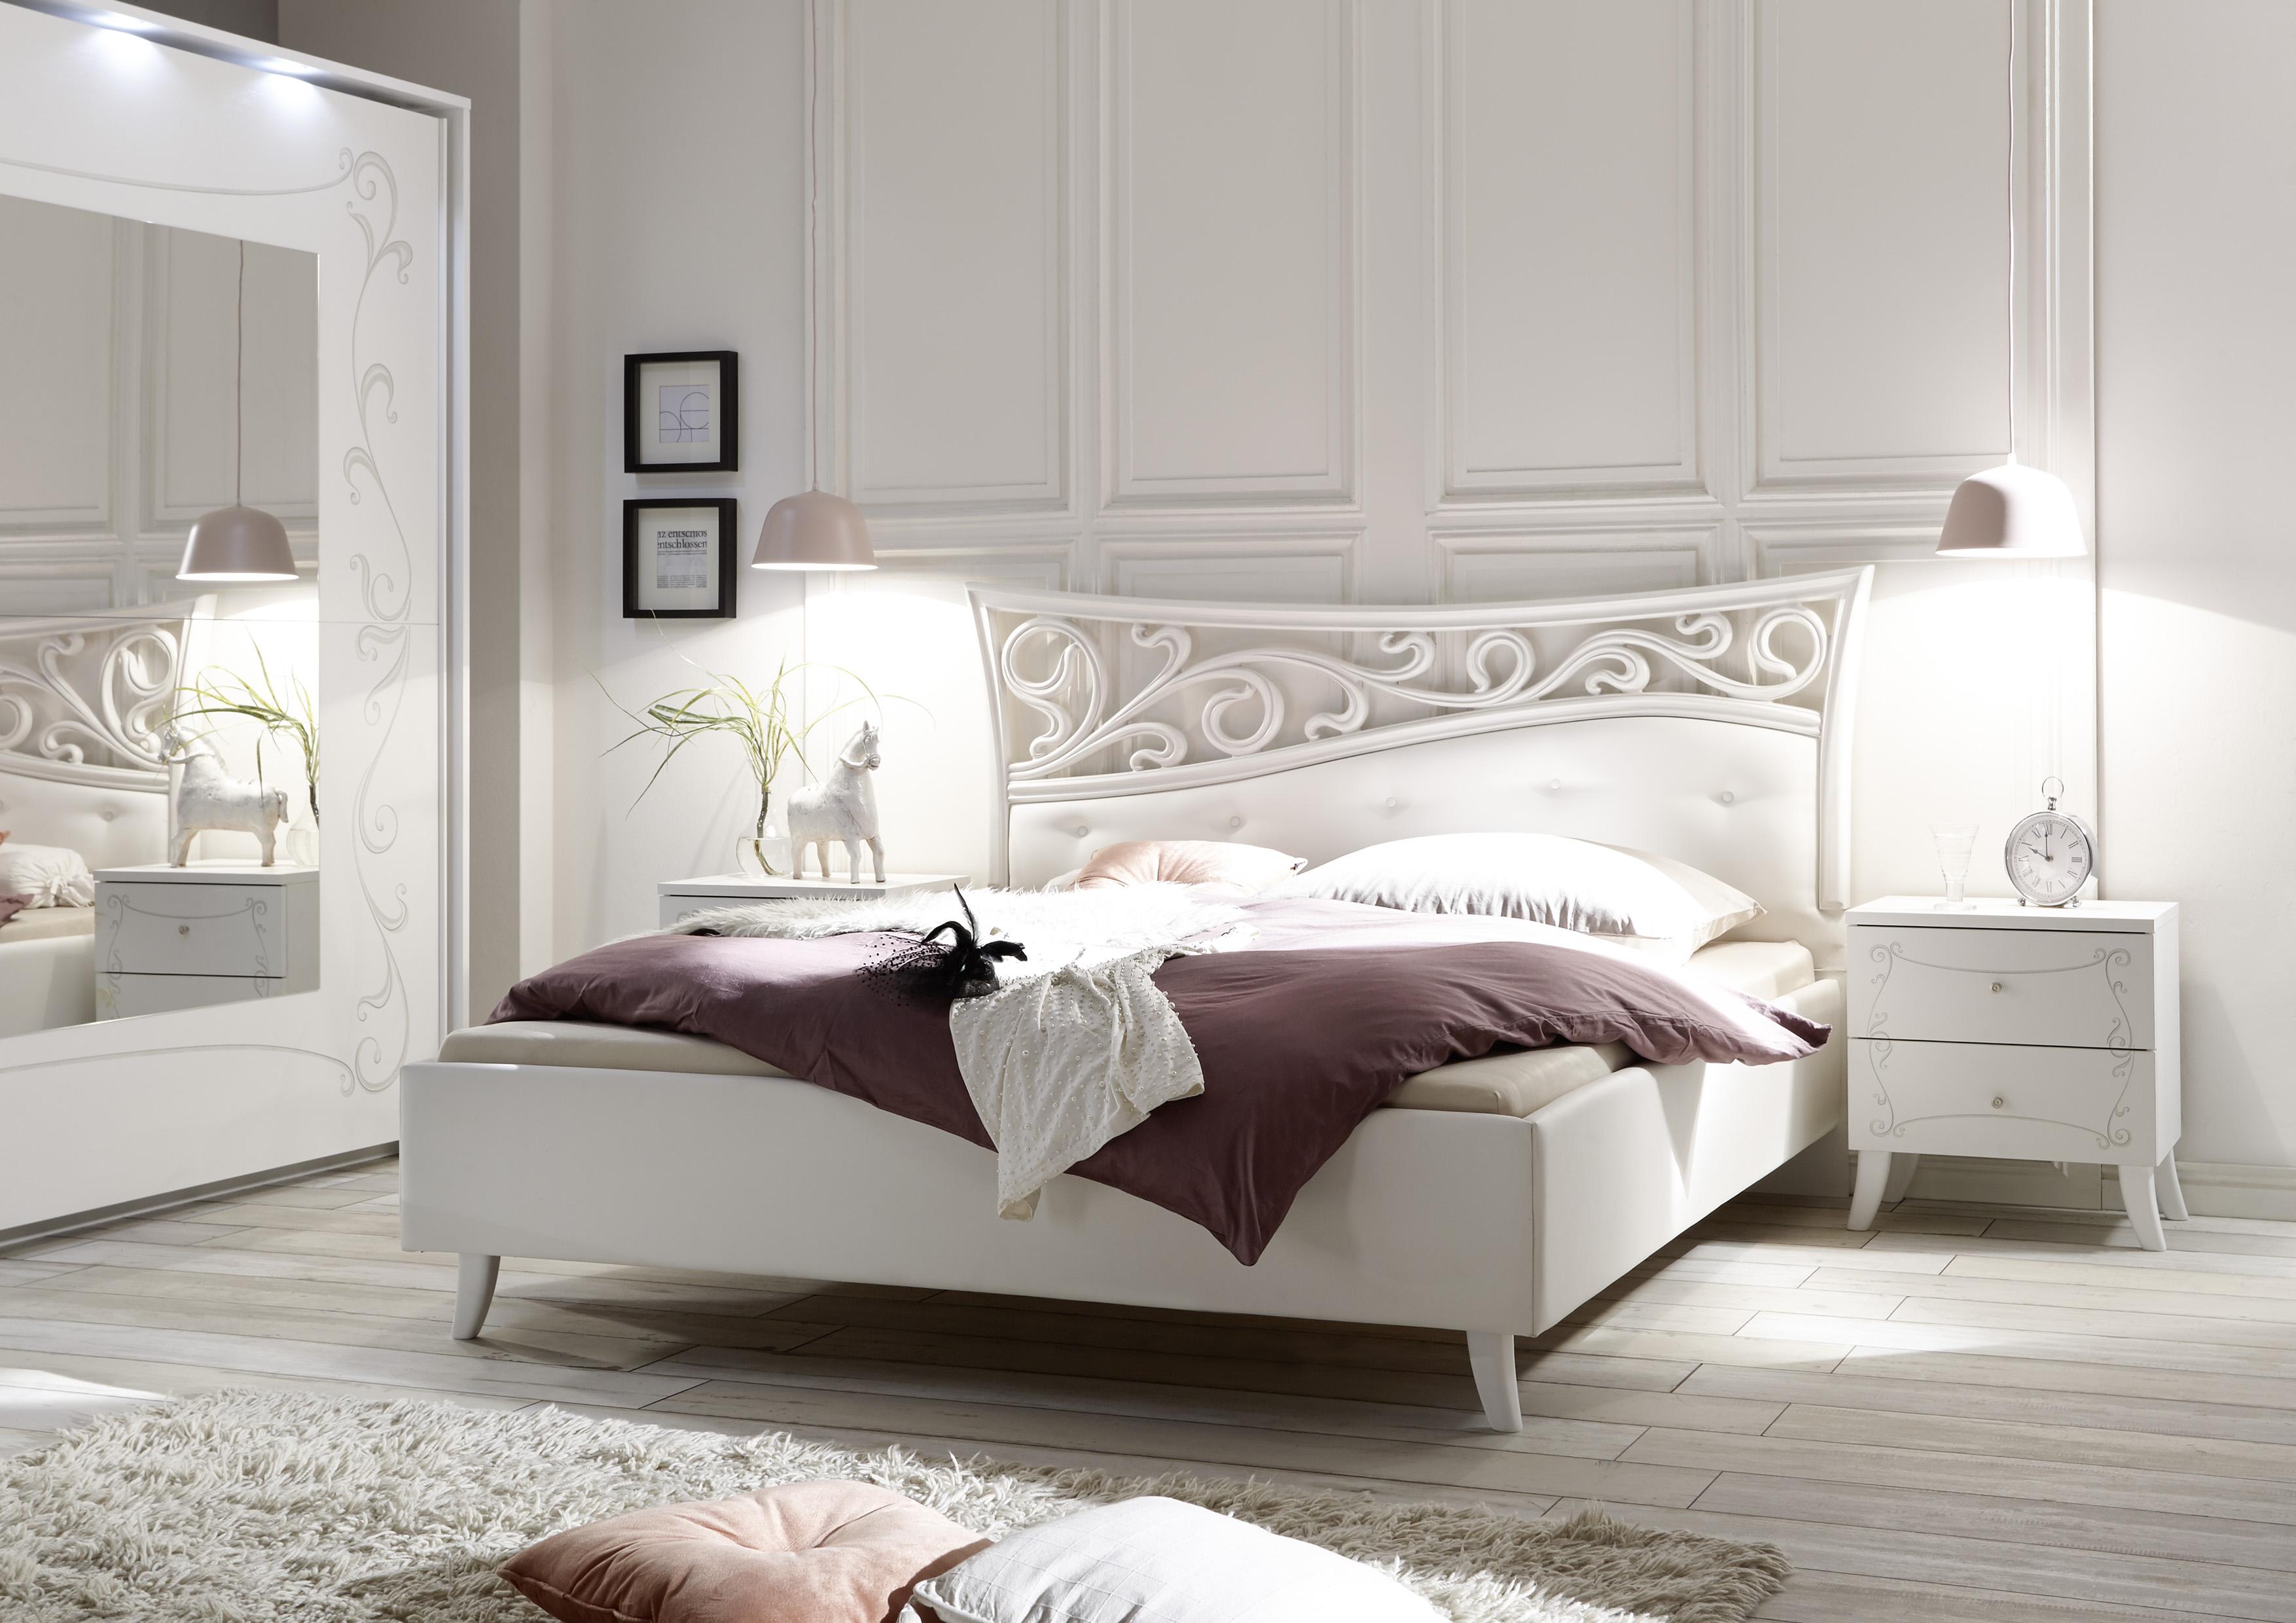 Design Bett Sereina in romantischem Stil 160x200